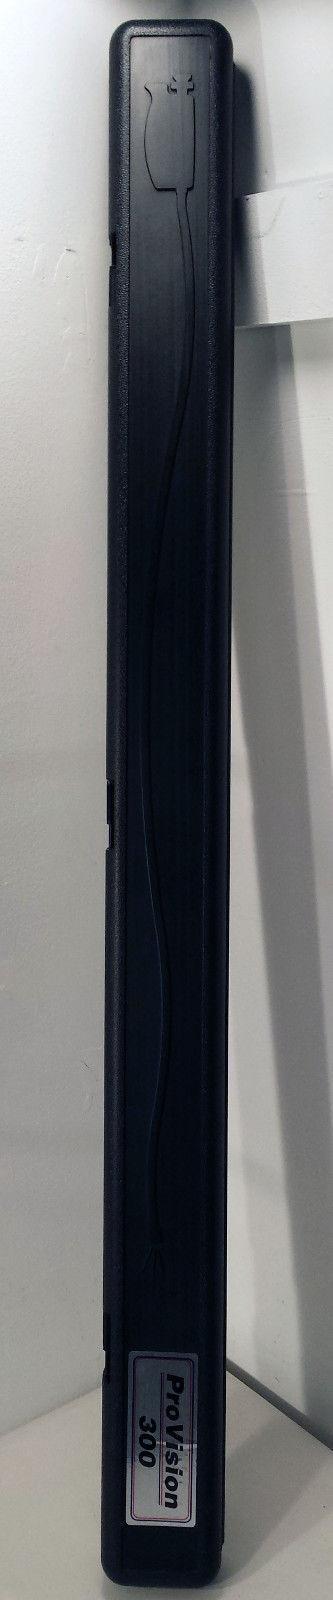 Provision PV300 Flexible Fiberscope 36